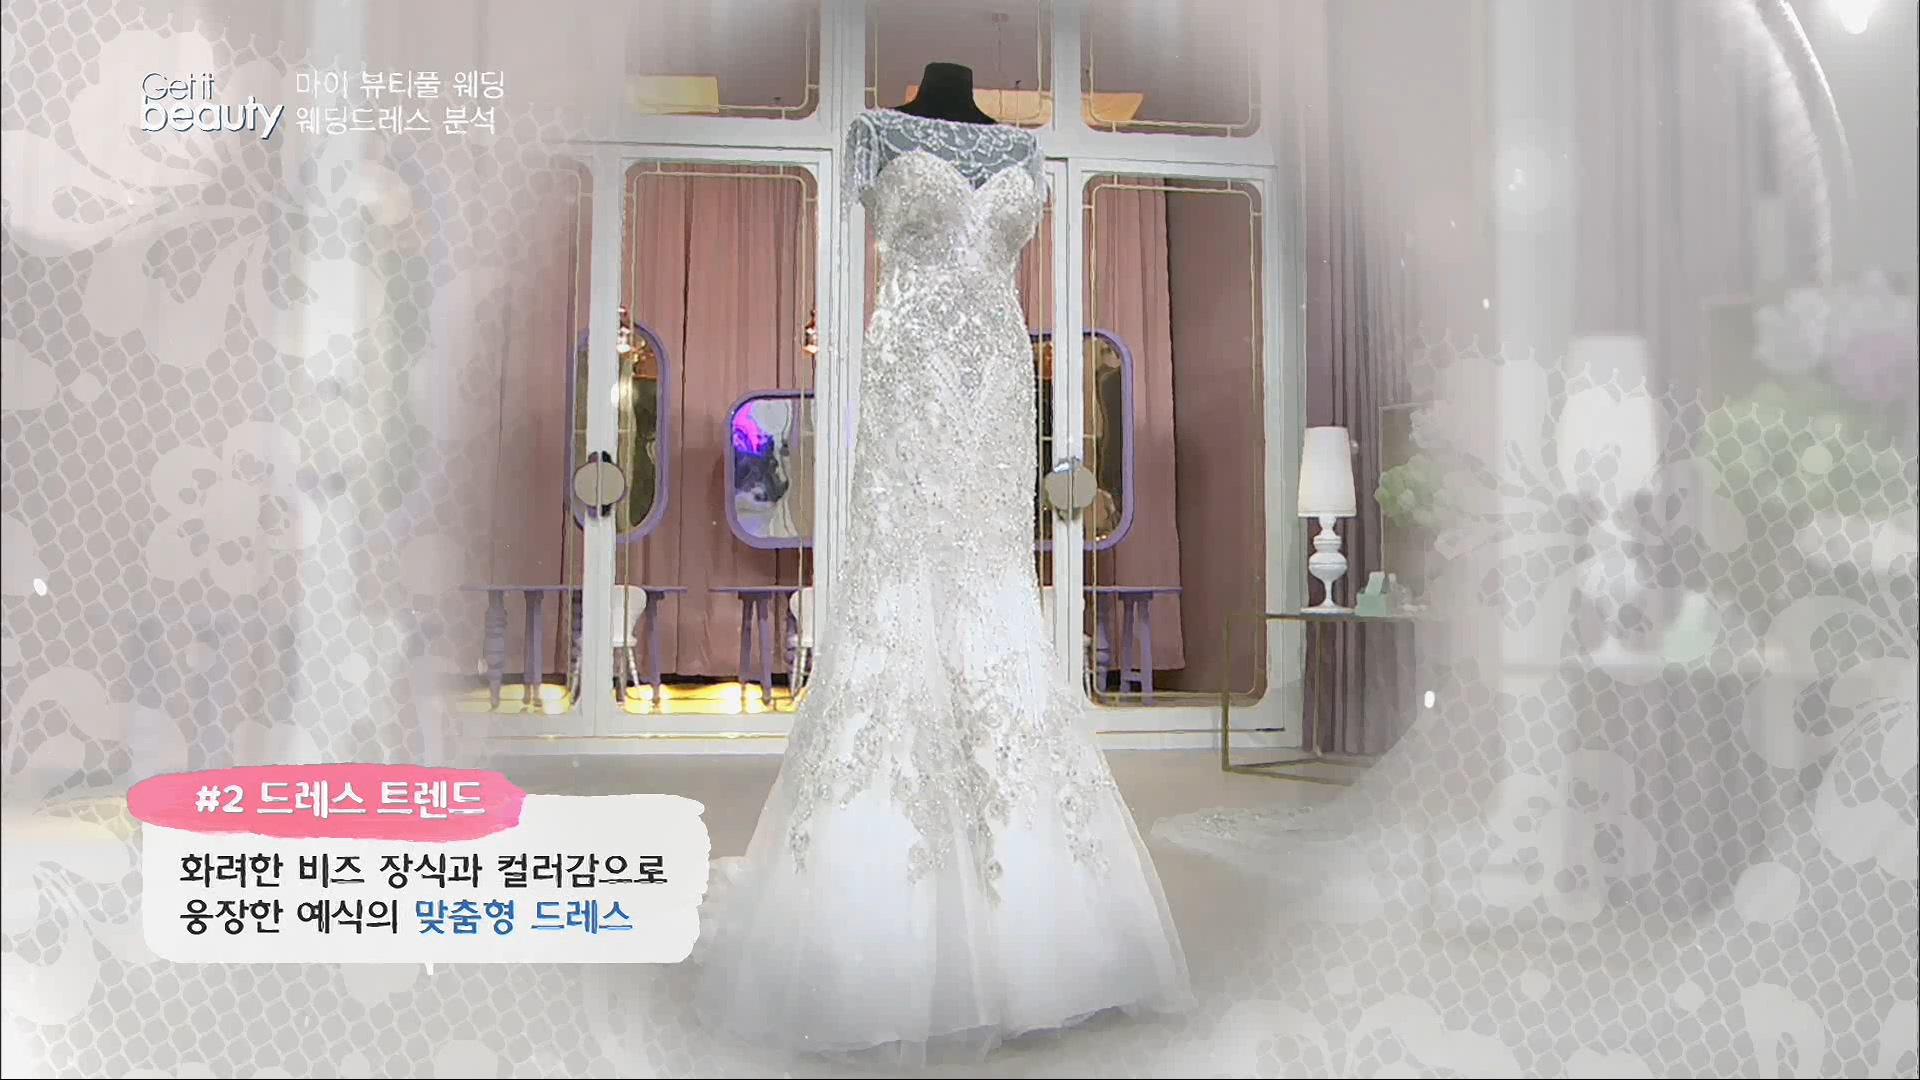 #2.드레스 트렌드  화려한 비즈 장식과 컬러감으로 웅장한 예식의 맞춤형 드레스예요